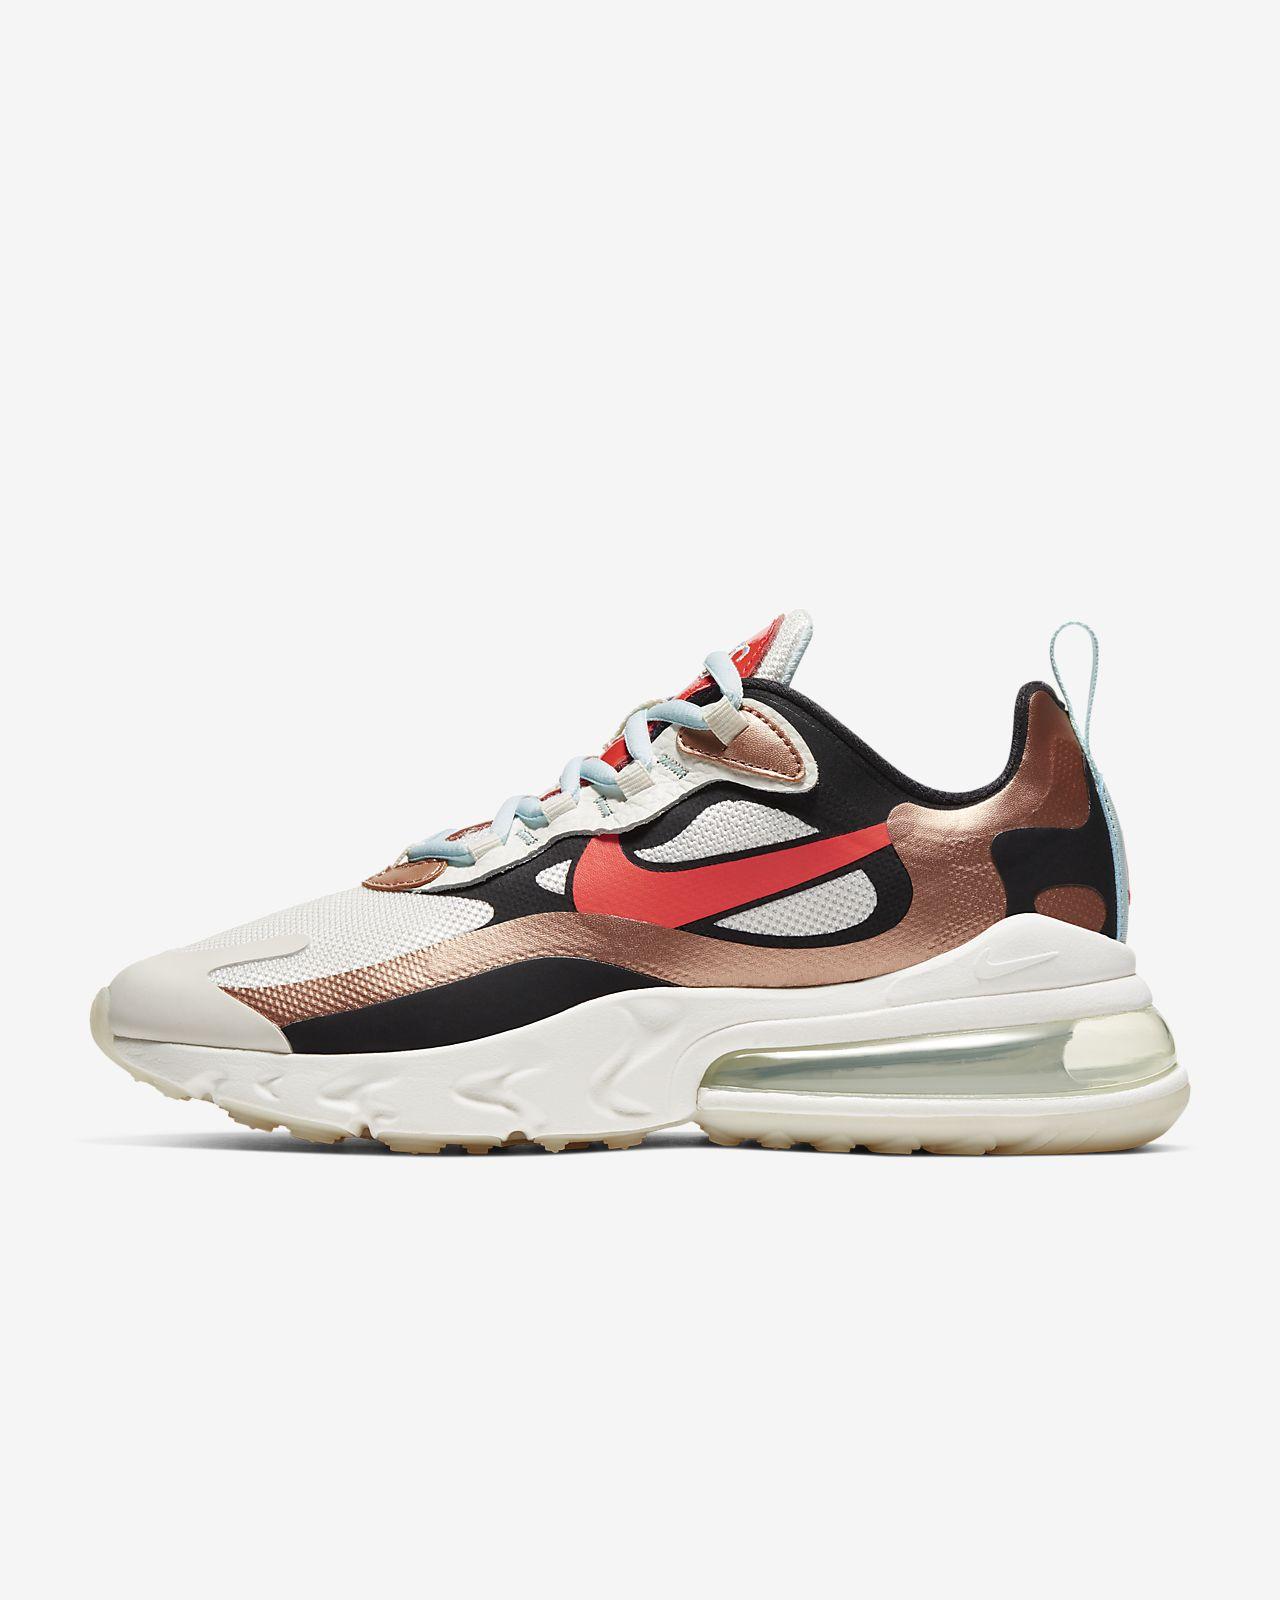 Kjøp Nike Sko Dame På Nett | Nike Air Huarache SE Metallic